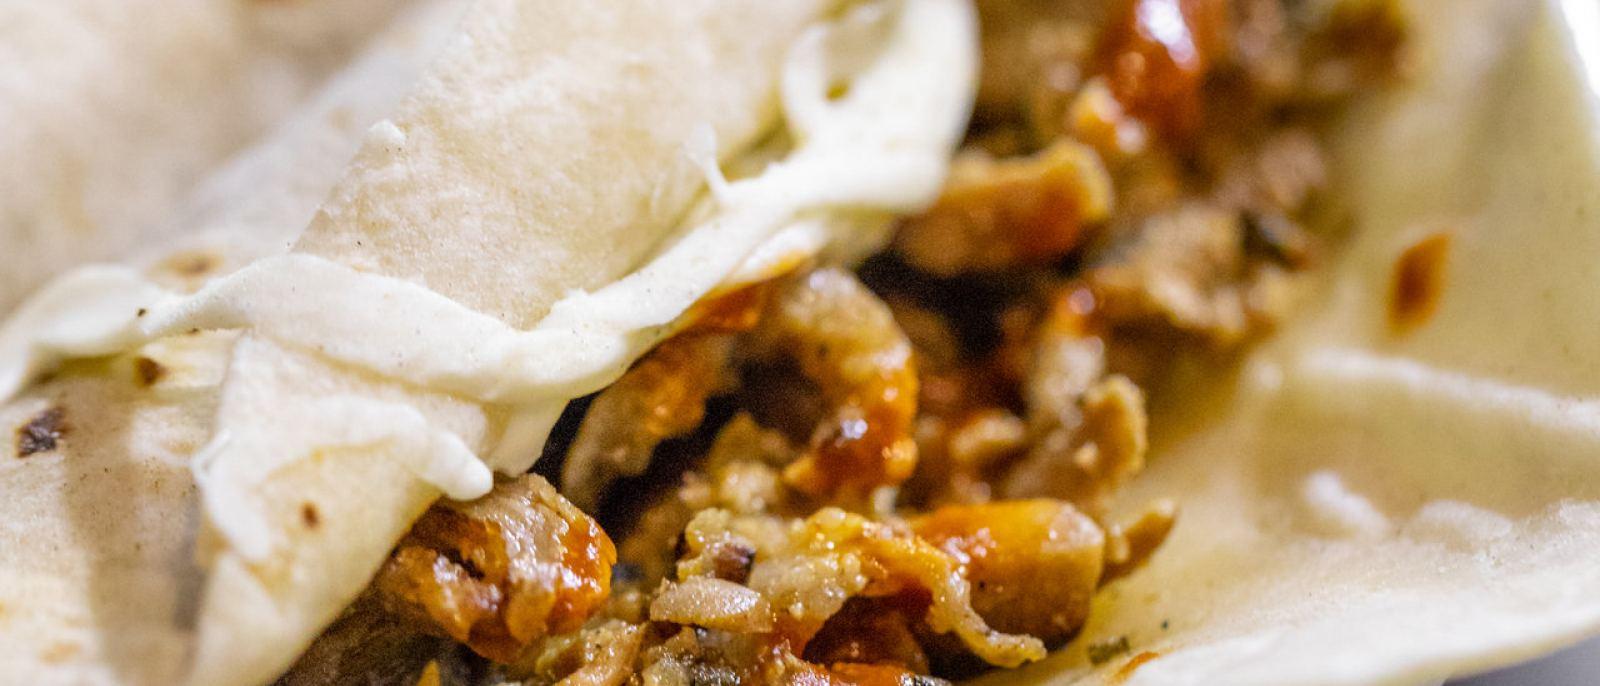 Taco árabe con quesillo at Los Originales Tacos Arabes de Puebla   |  Photo: Jakob Layman